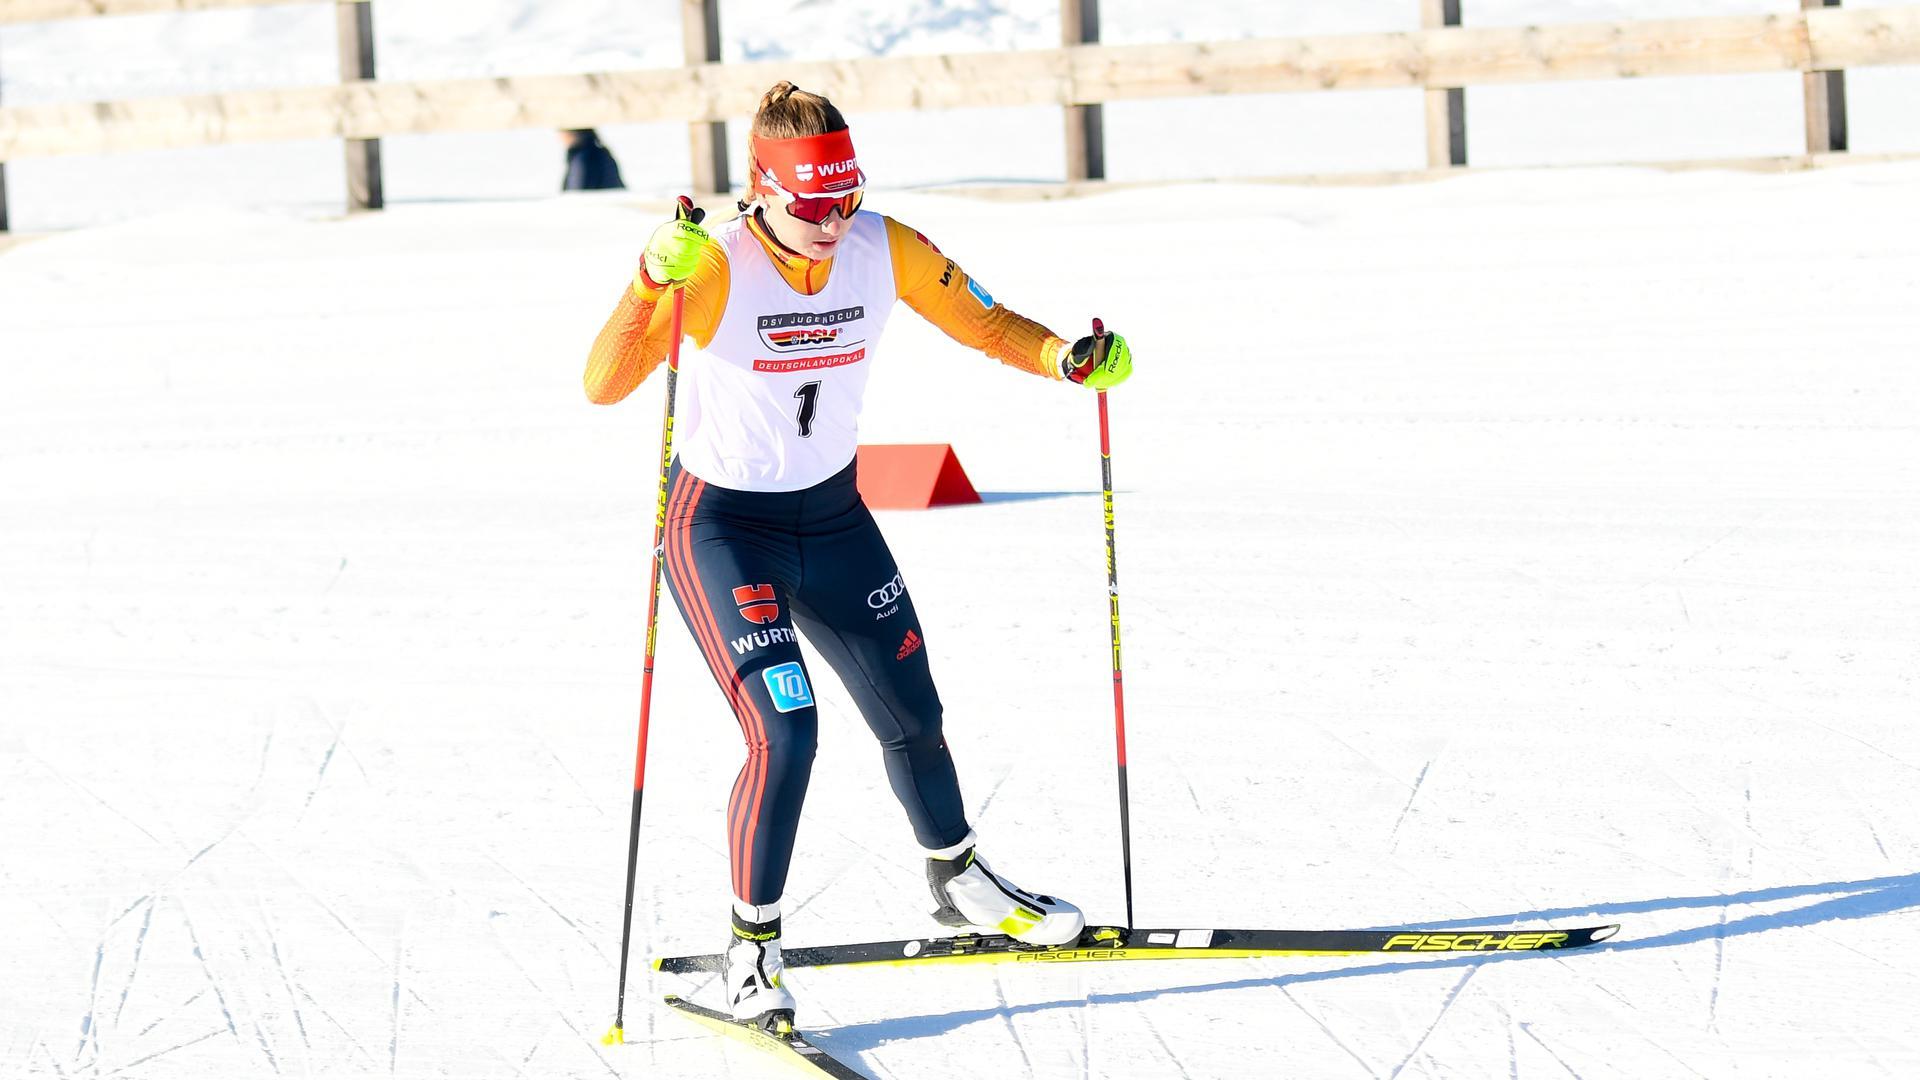 Kombiniererin Svenja Würth aus Baiersbronn beim Deutschlandpokal in Seefeld.